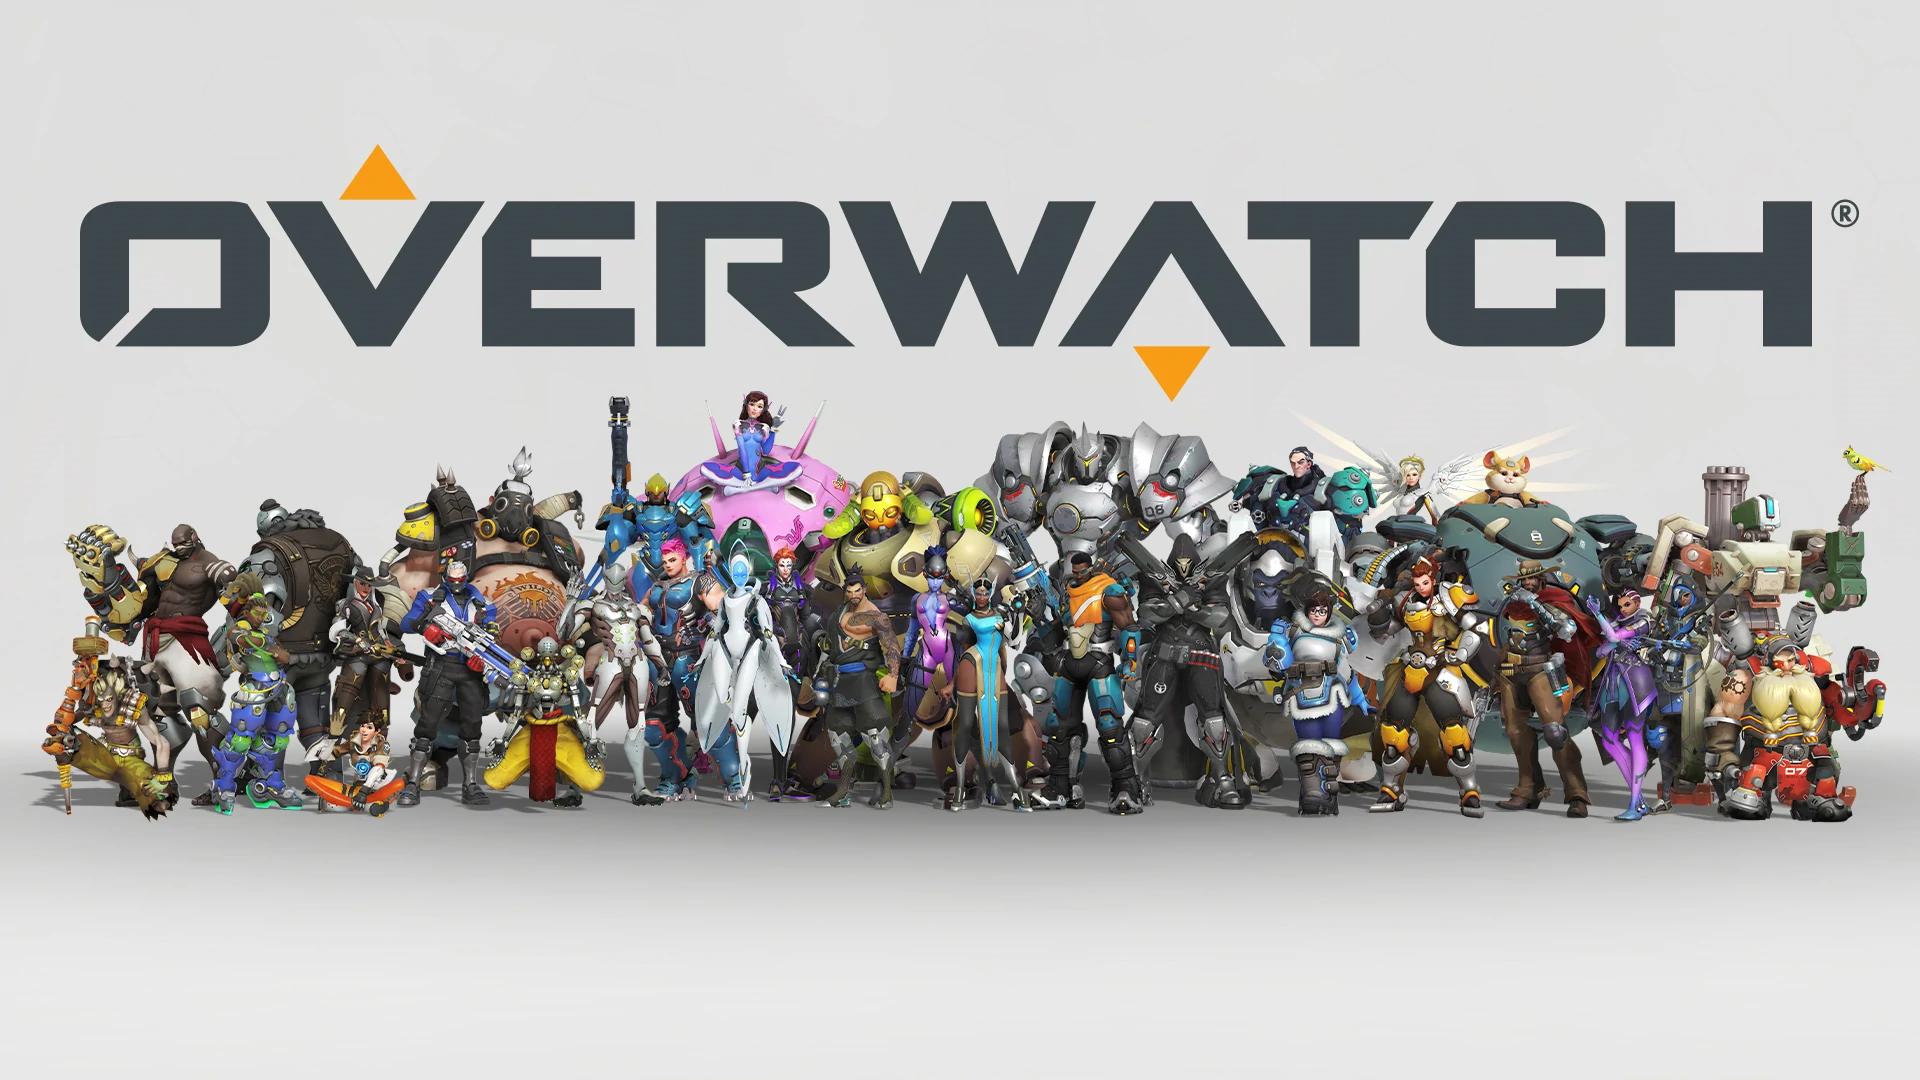 Overwatch tem mais de 30 personagens bem diferentes para jogar (Foto: Divulgação/Blizzard Entertainment)